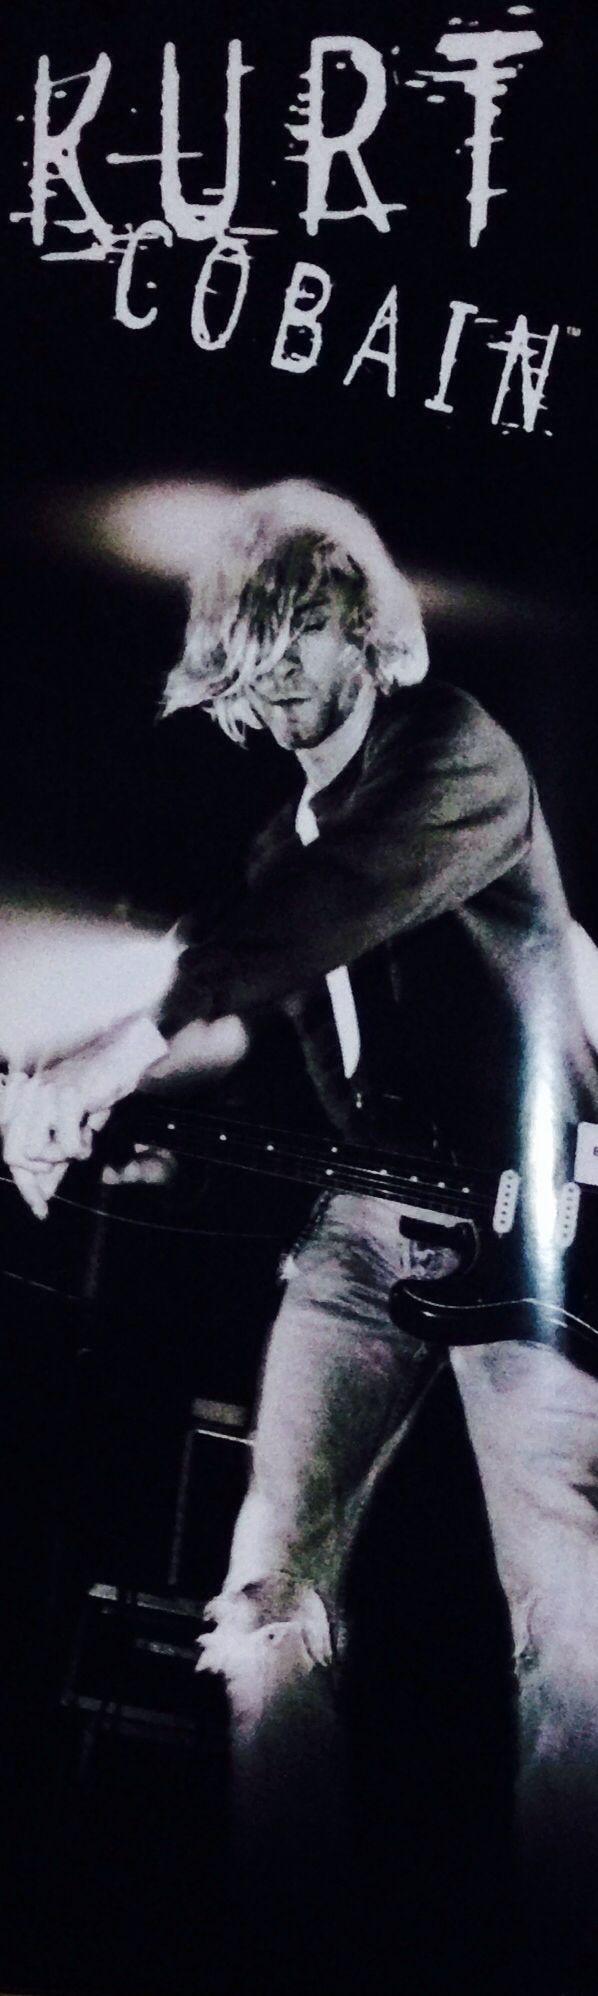 Kurt Cobain poster